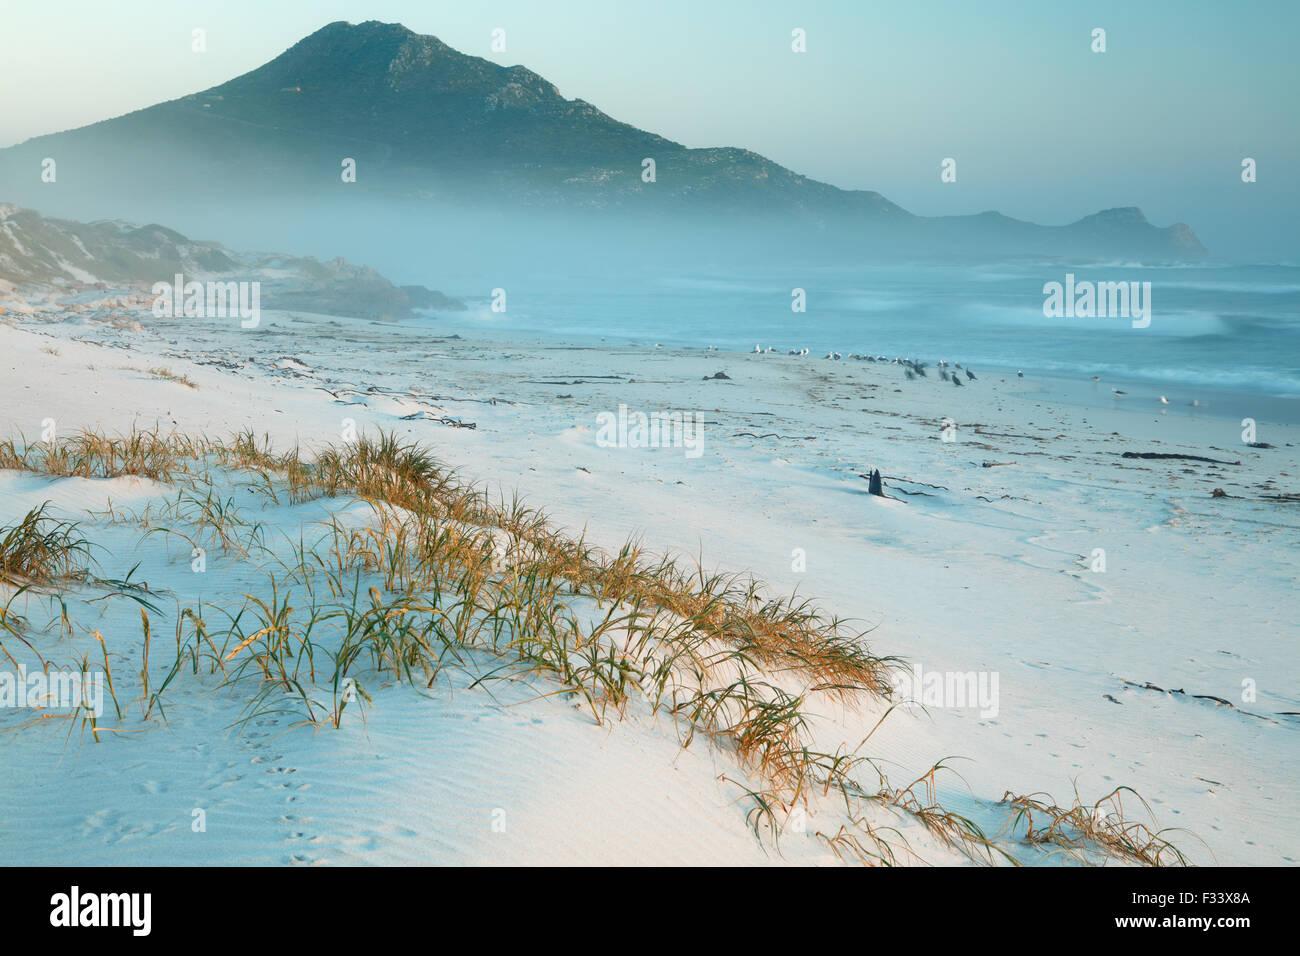 Cormorani e gabbiani sulla spiaggia Platboom e il Capo di Buona Speranza a Cape Point, Sud Africa Immagini Stock